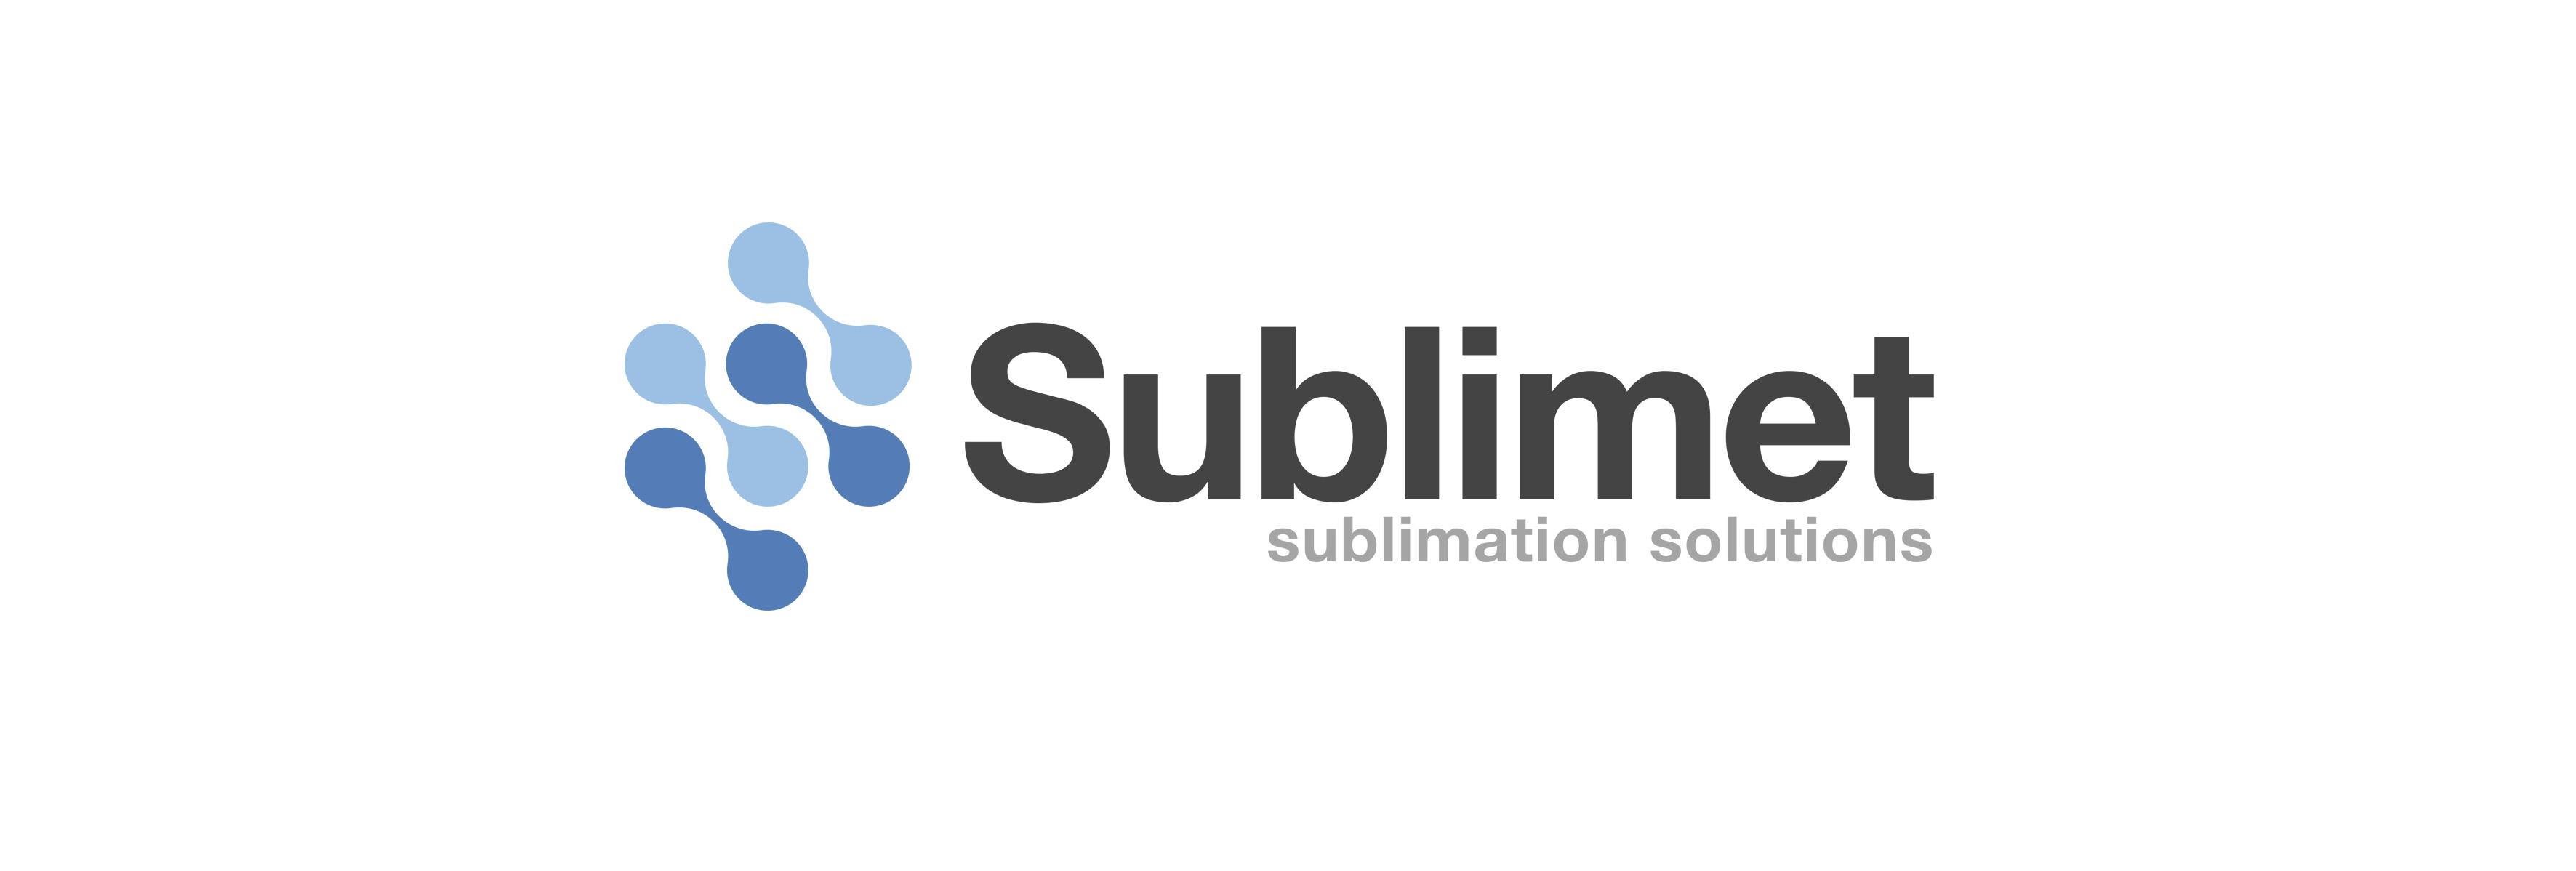 Amazon.es: Sublimet Sublimation Solutions: Cojines